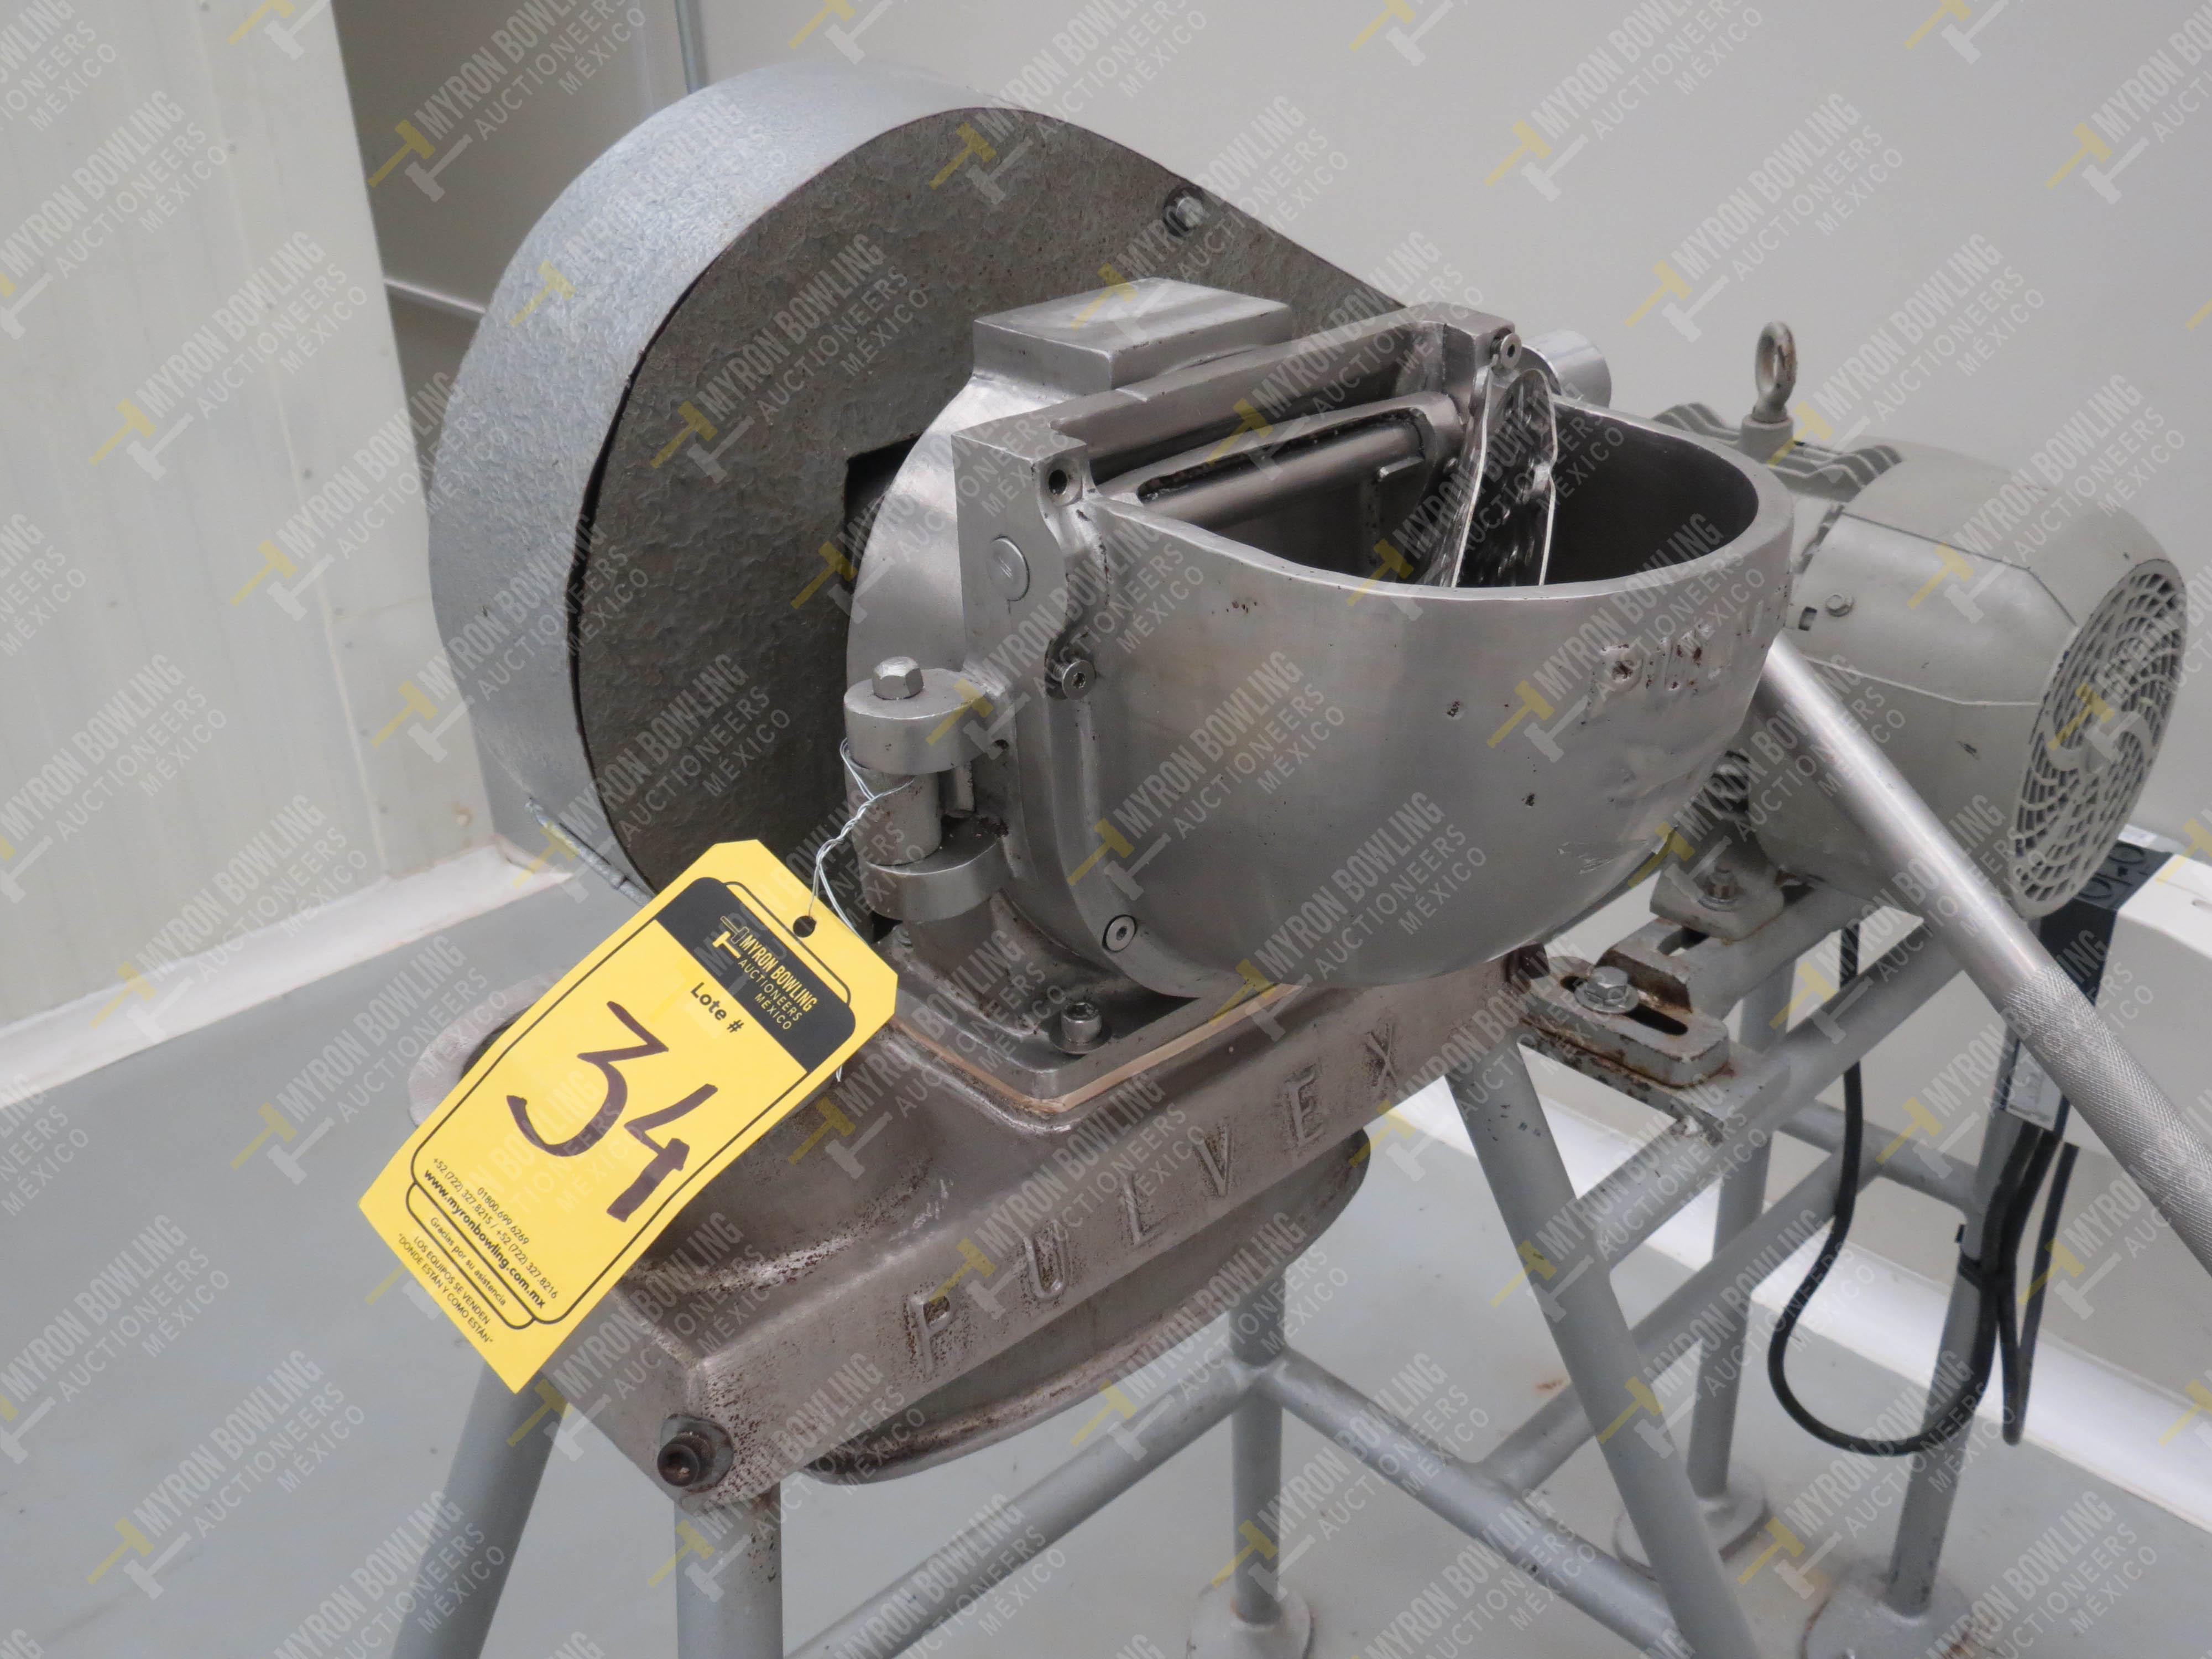 Molino rallador marca Pulvex, Modelo PR200AI316, en acero inoxidable, capacidad de motor 3… - Image 2 of 4